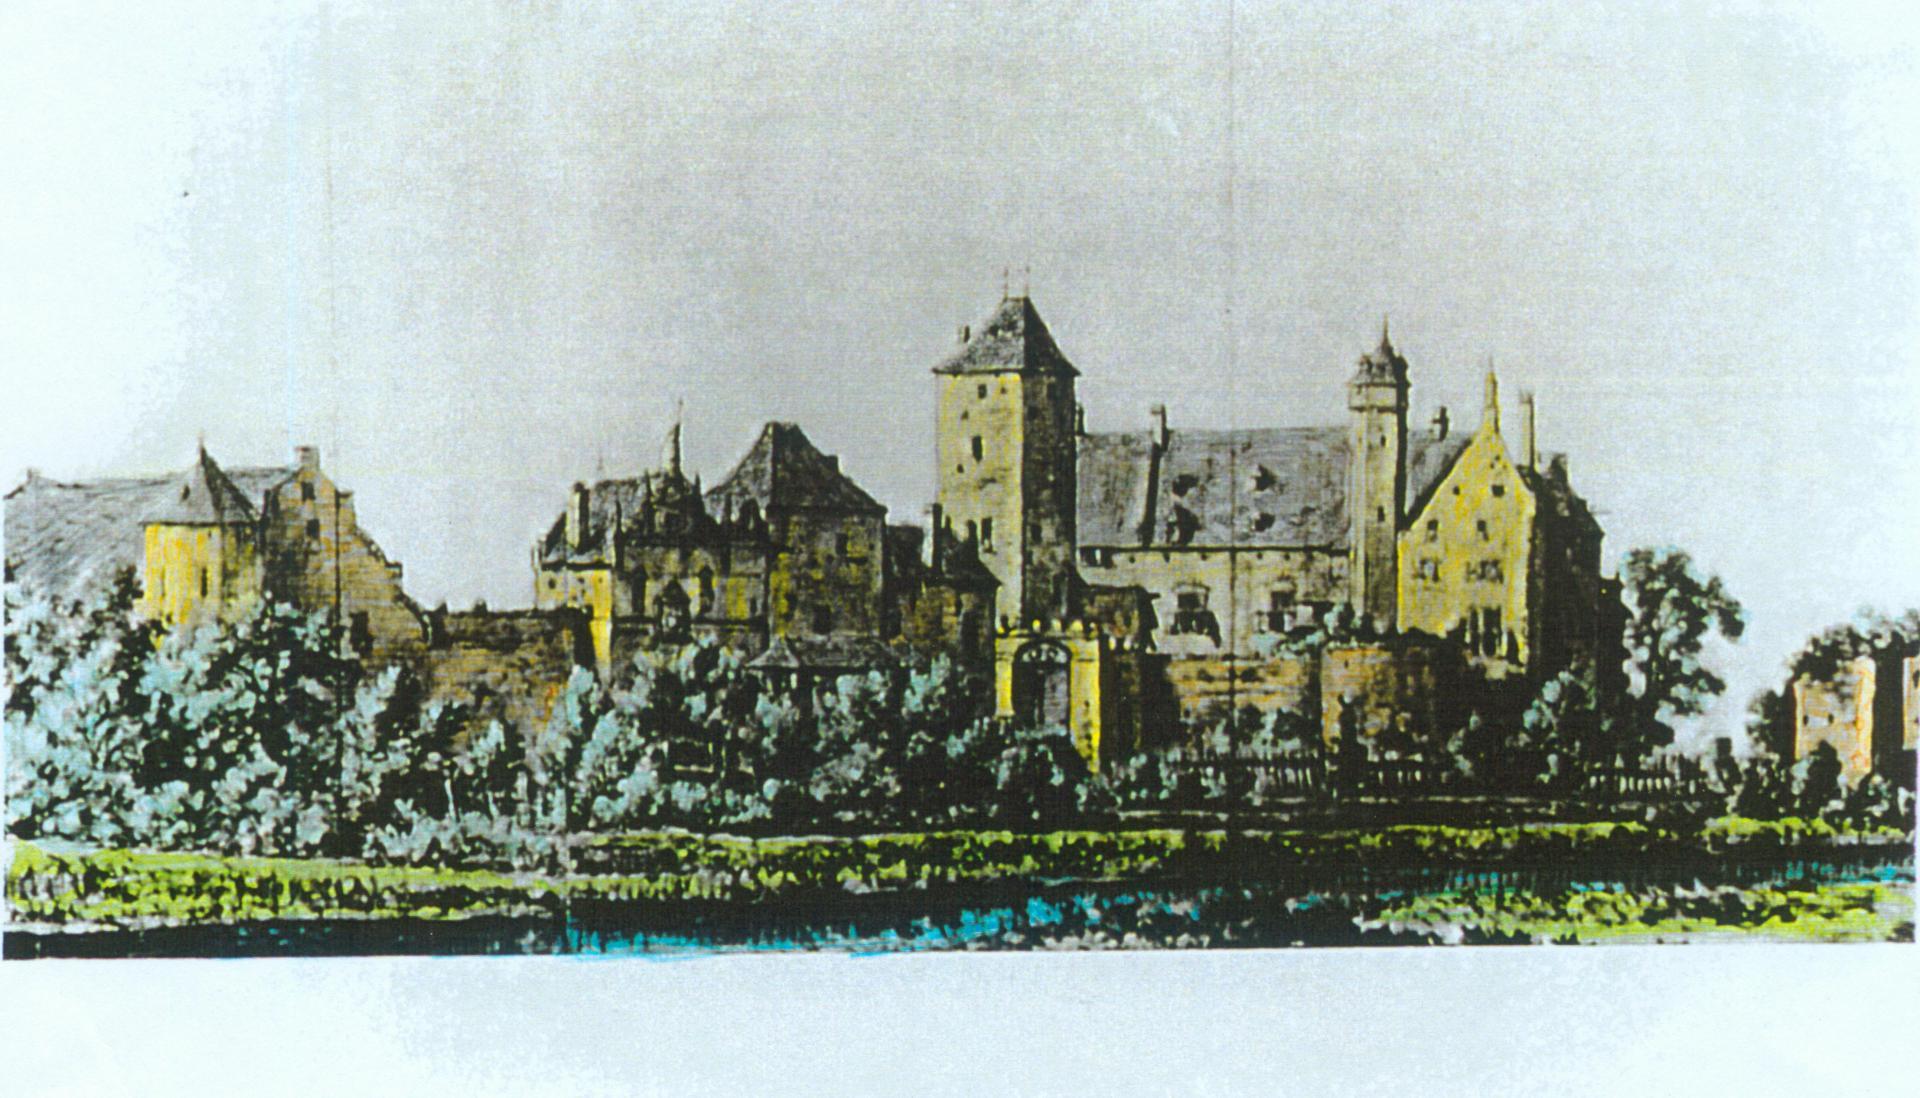 1650 Bleistift coloriert Hermann Saftleven von Südosten